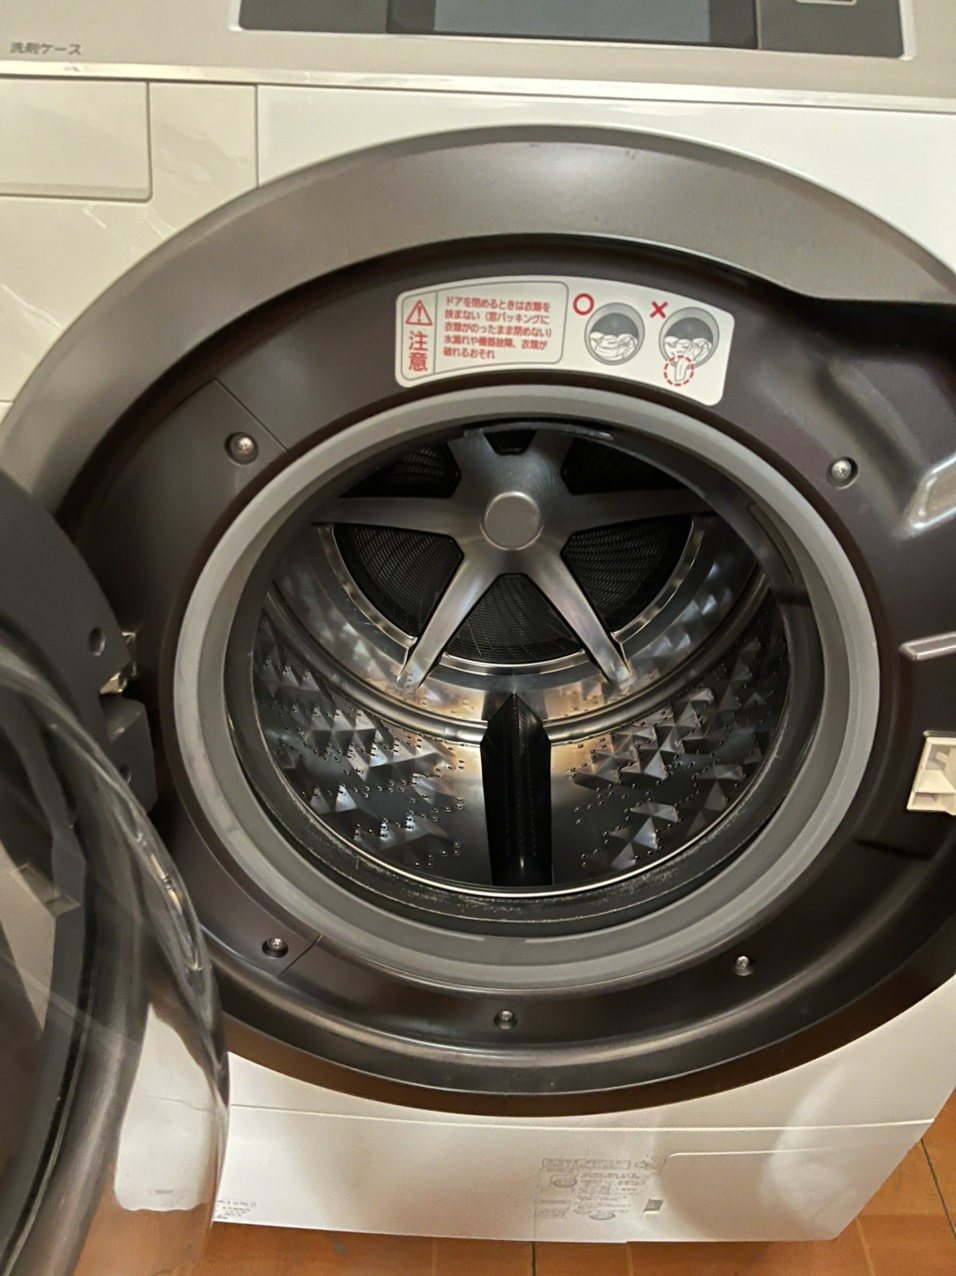 Máy Giặt Panasonic Vx9500 Giặt 10kg Sấy 6kg 1